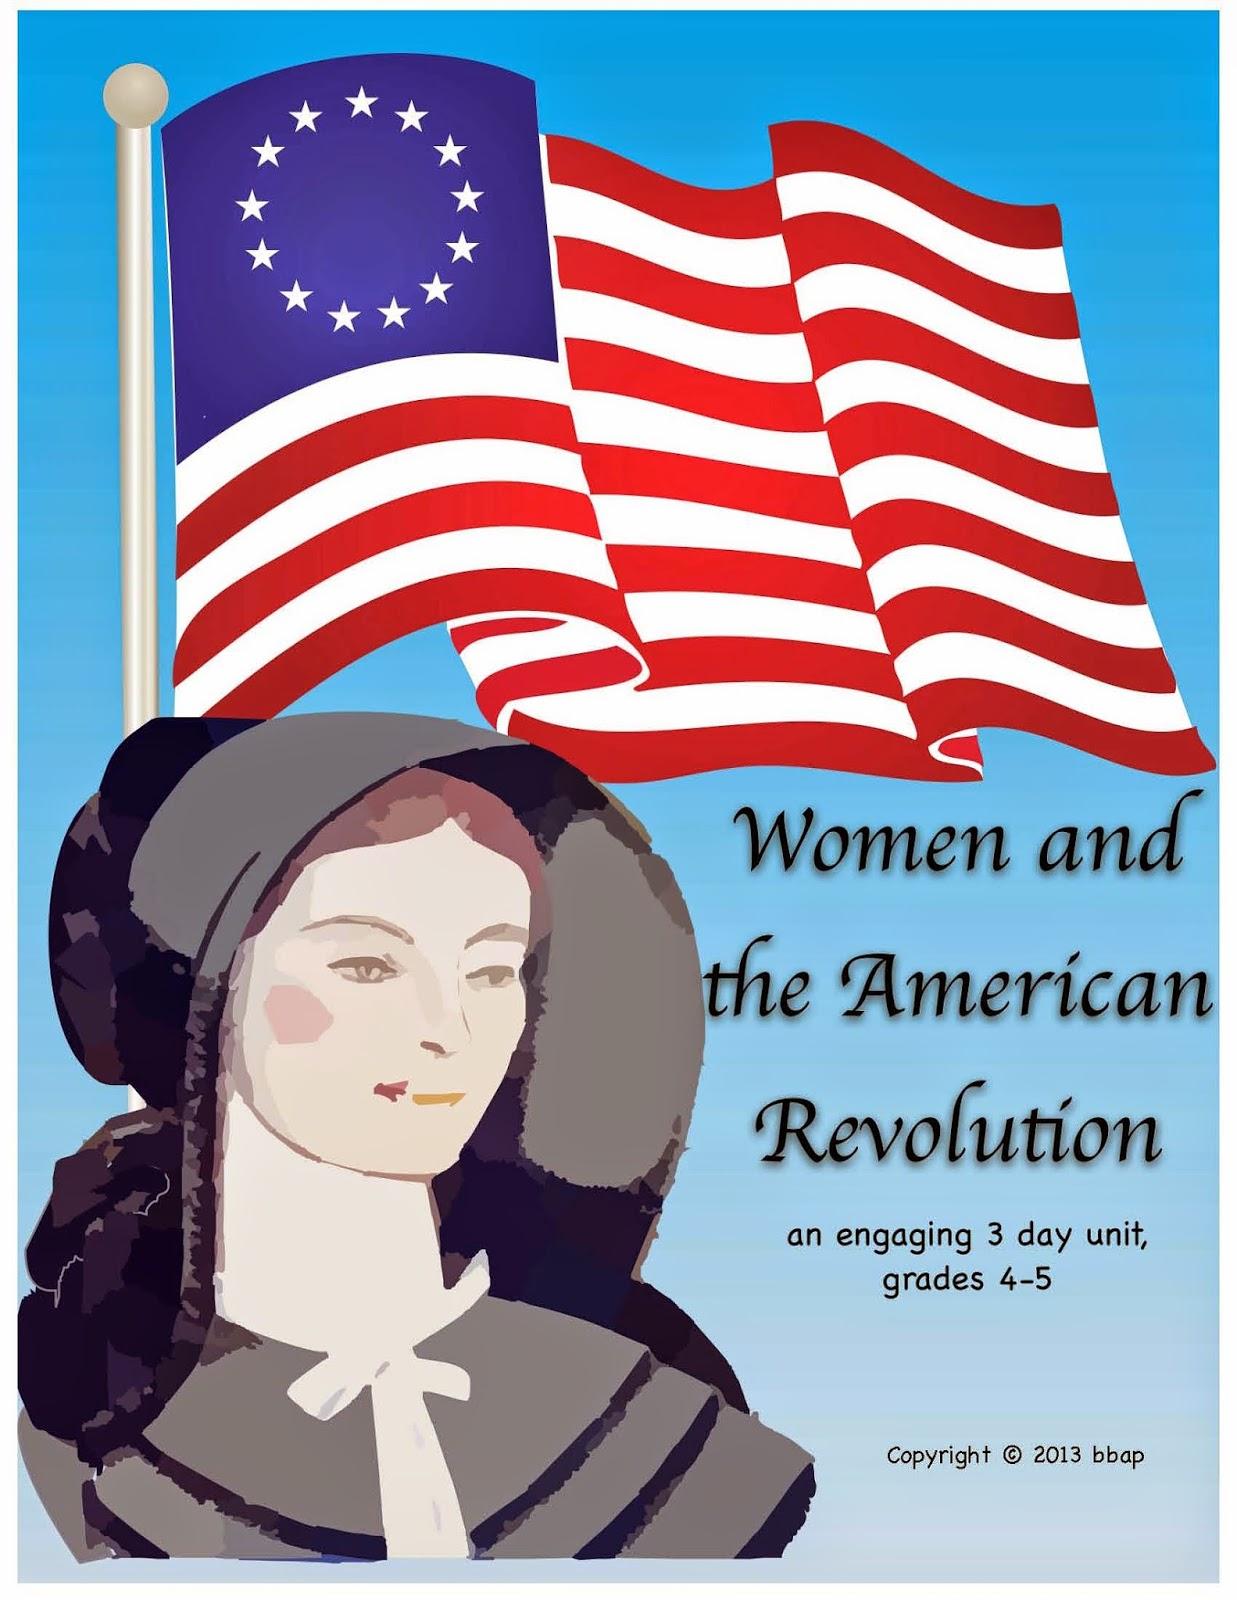 medium resolution of The Best of Teacher Entrepreneurs II: Social Studies Lesson - \Women and  the American Revolution\